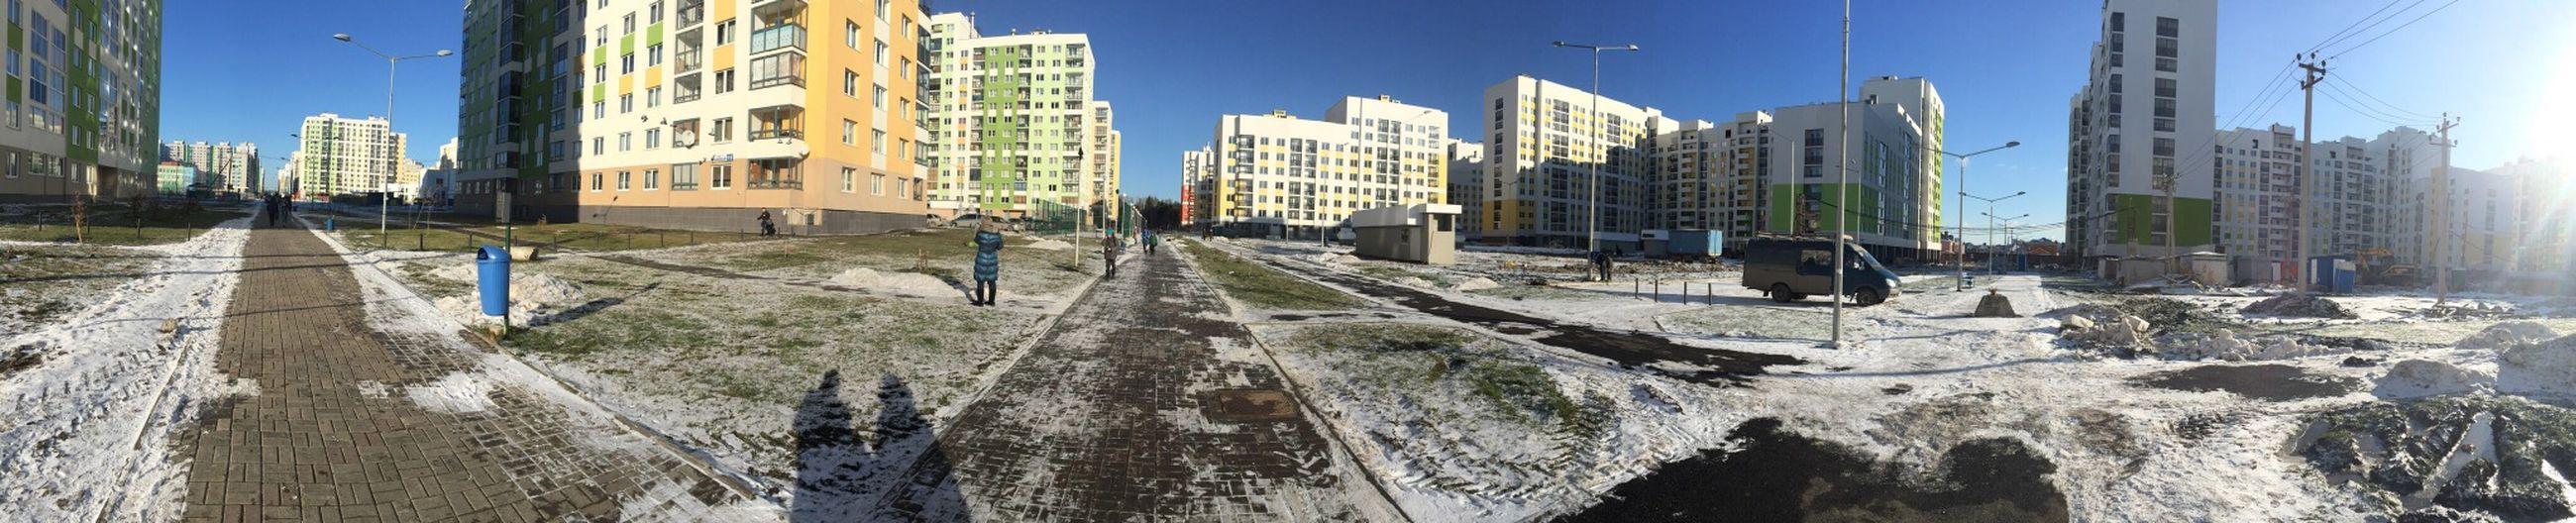 Екатеринбург Ekaterinburg зима Winter Life Жизнь Прекрасный день Beautiful Day Sun Sky